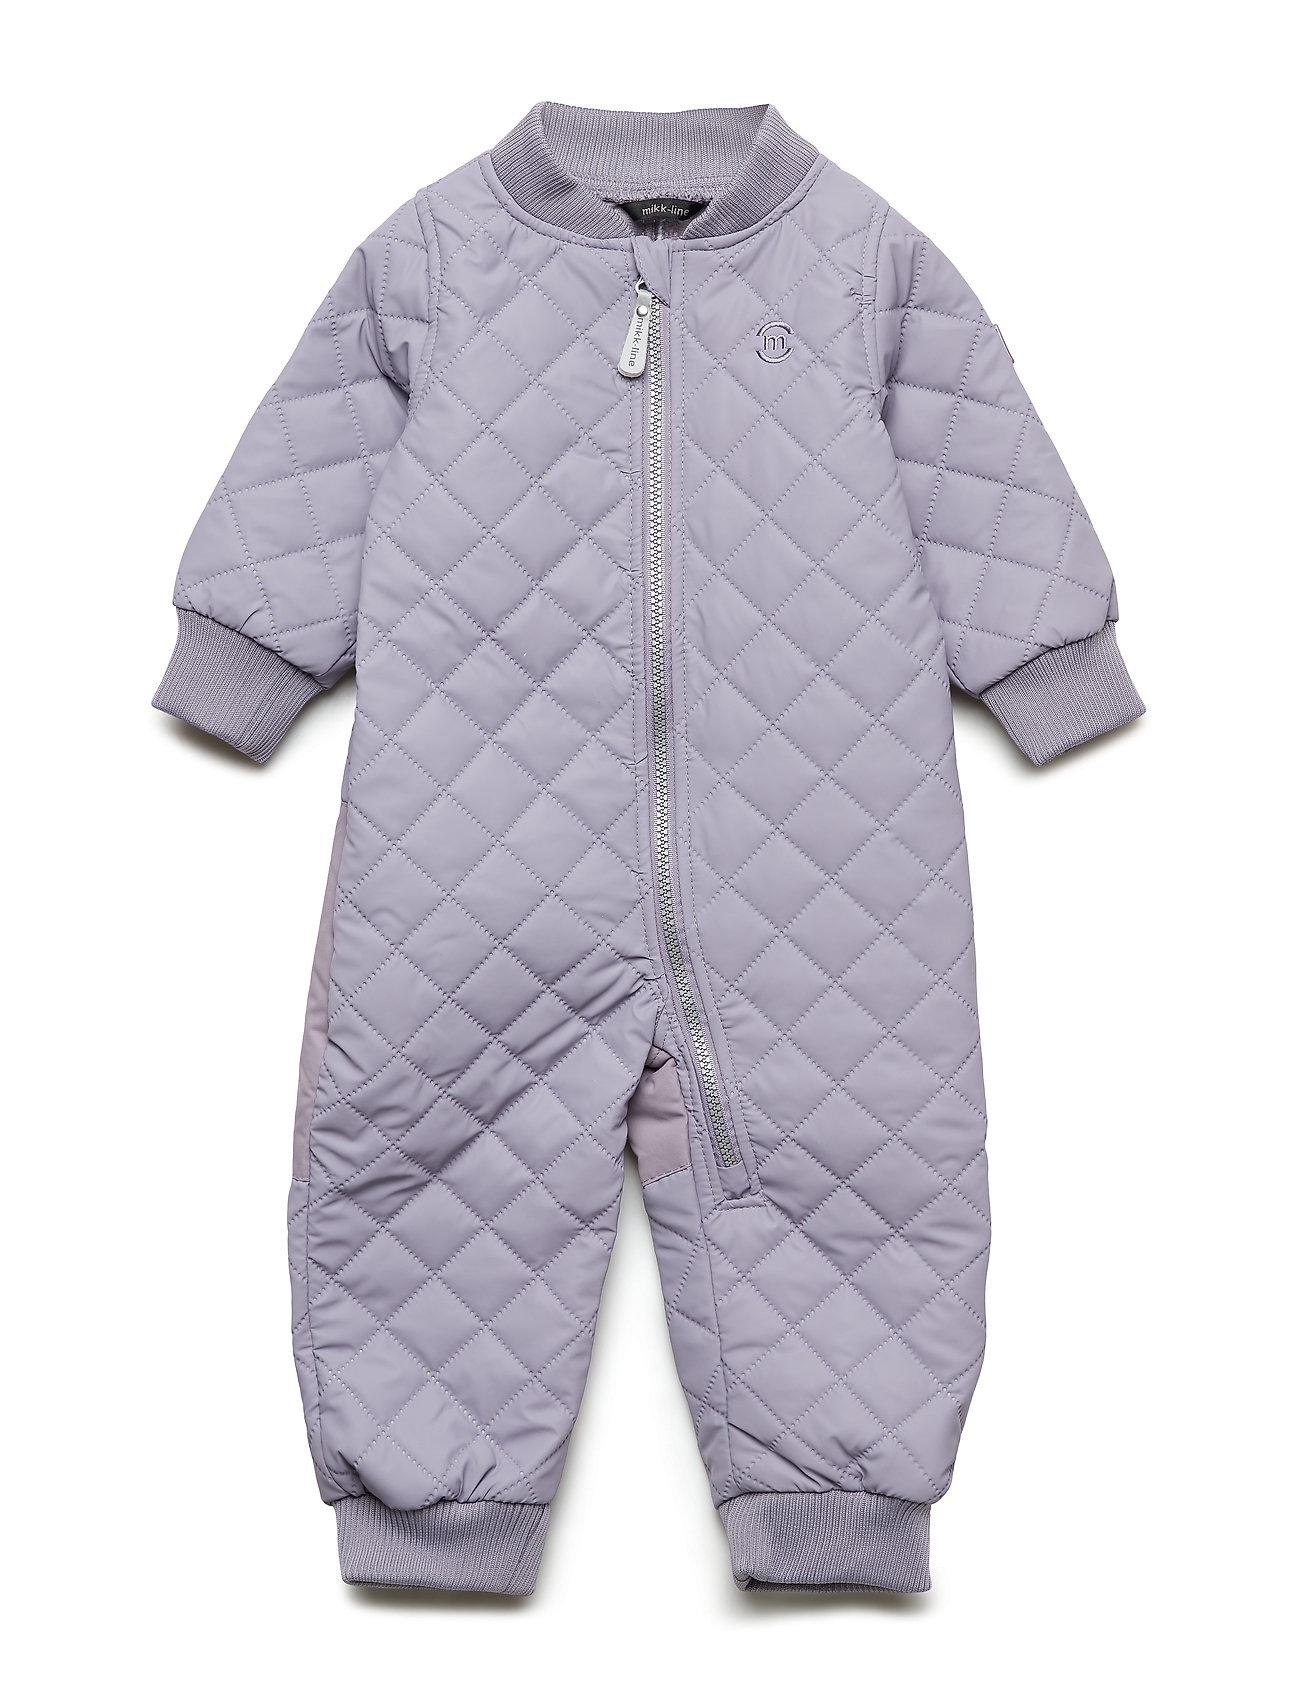 Mikk-Line DUVET suit - no fleece